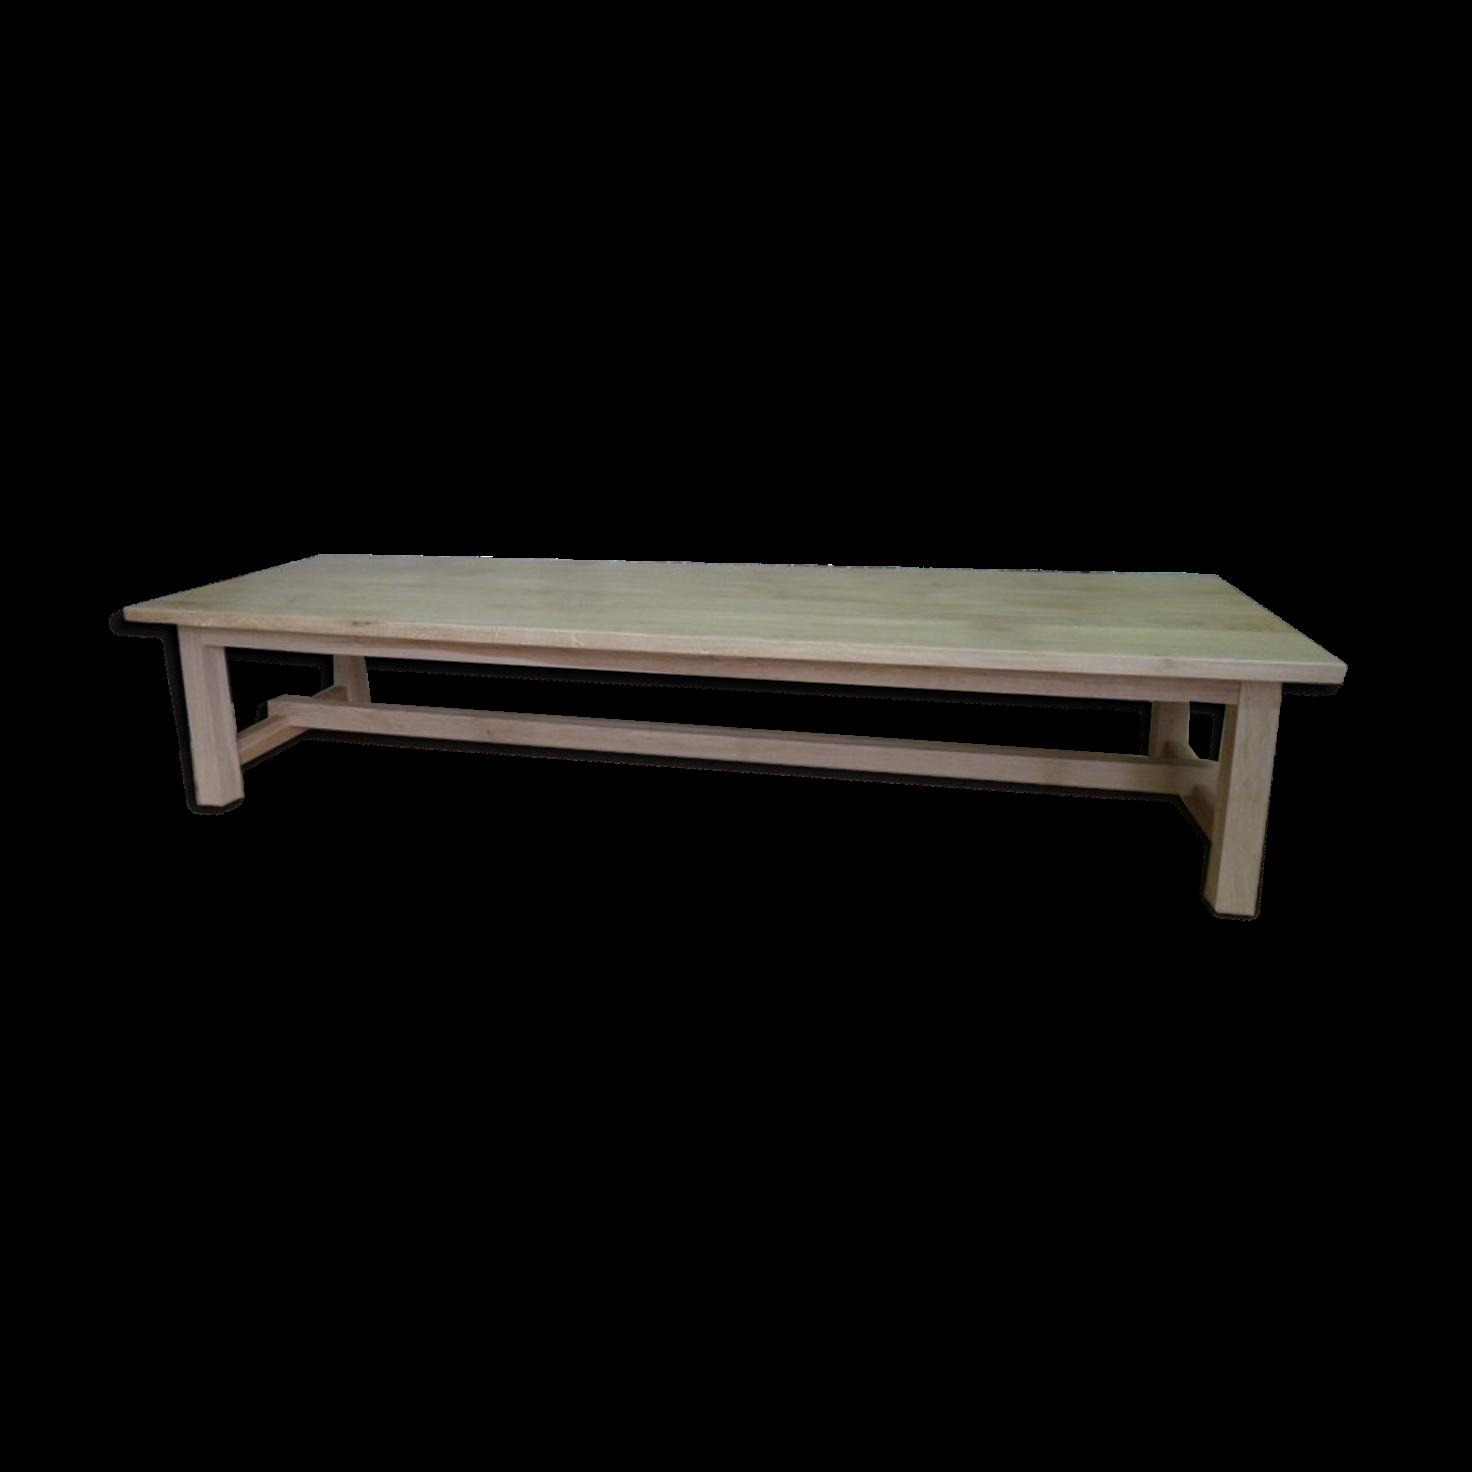 table de campagne en chene massif meuble tv ecran plat portes et niche campagne with table de. Black Bedroom Furniture Sets. Home Design Ideas